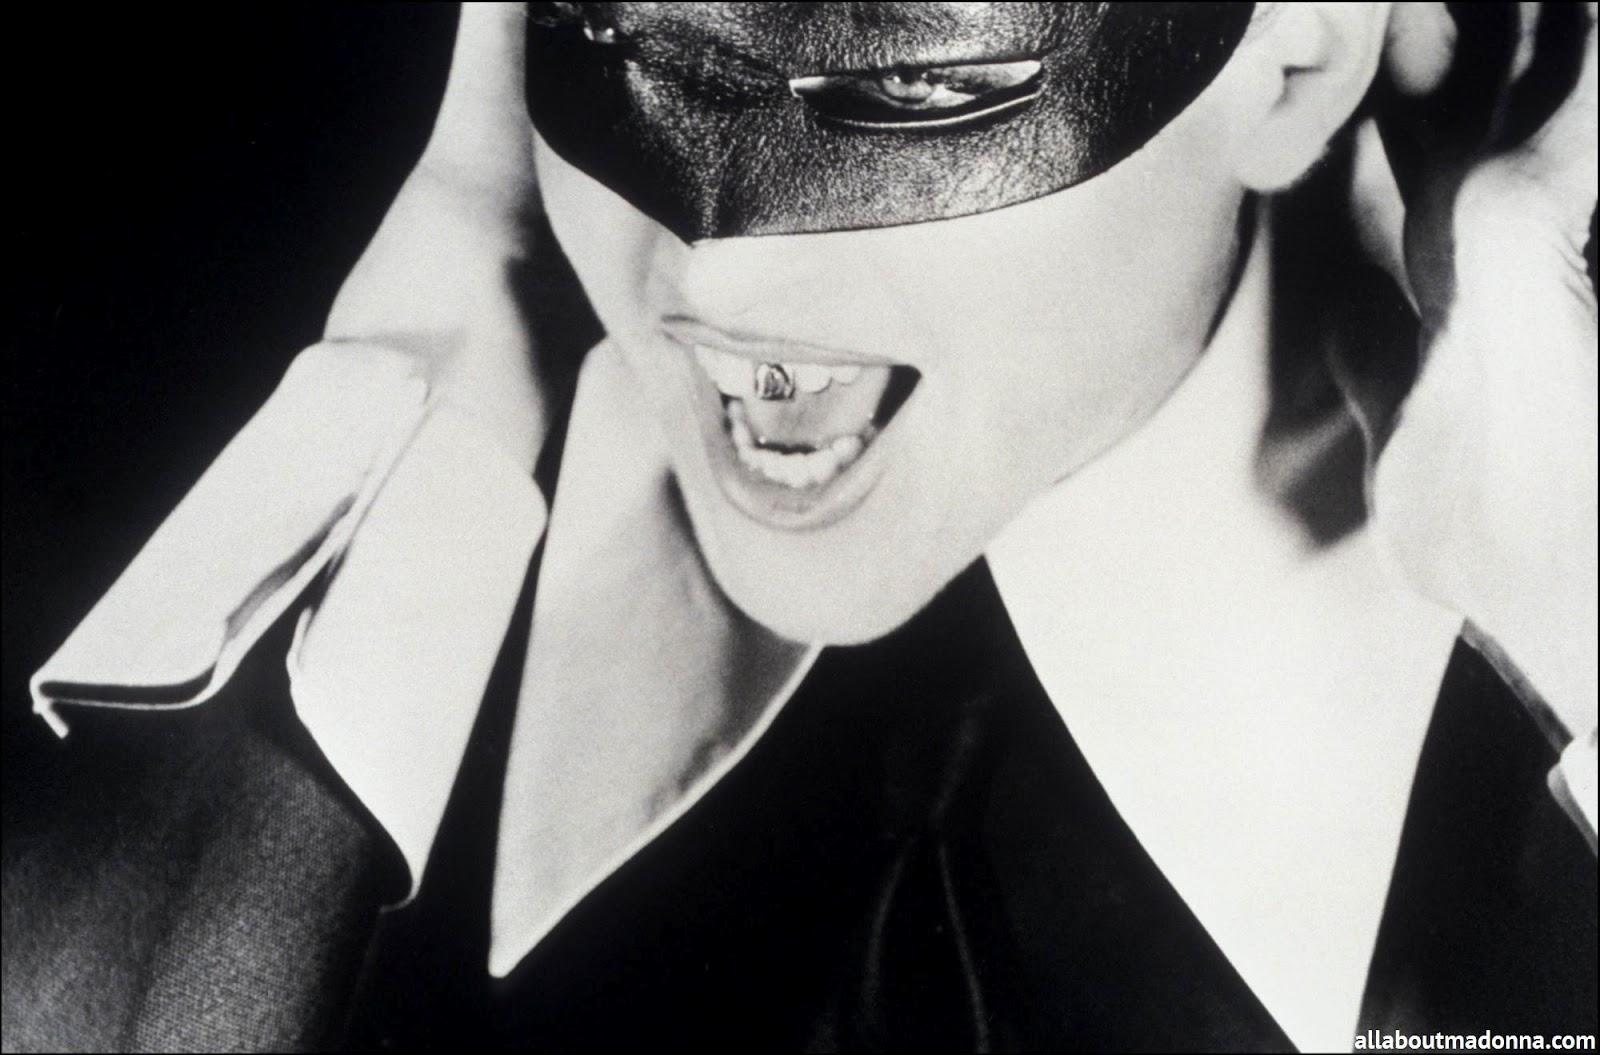 http://4.bp.blogspot.com/-tABp7XflF68/UDAYj58NNhI/AAAAAAAAIJU/QUnUkRhOM3w/s1600/madonna-erotica-video-set-0004.jpg